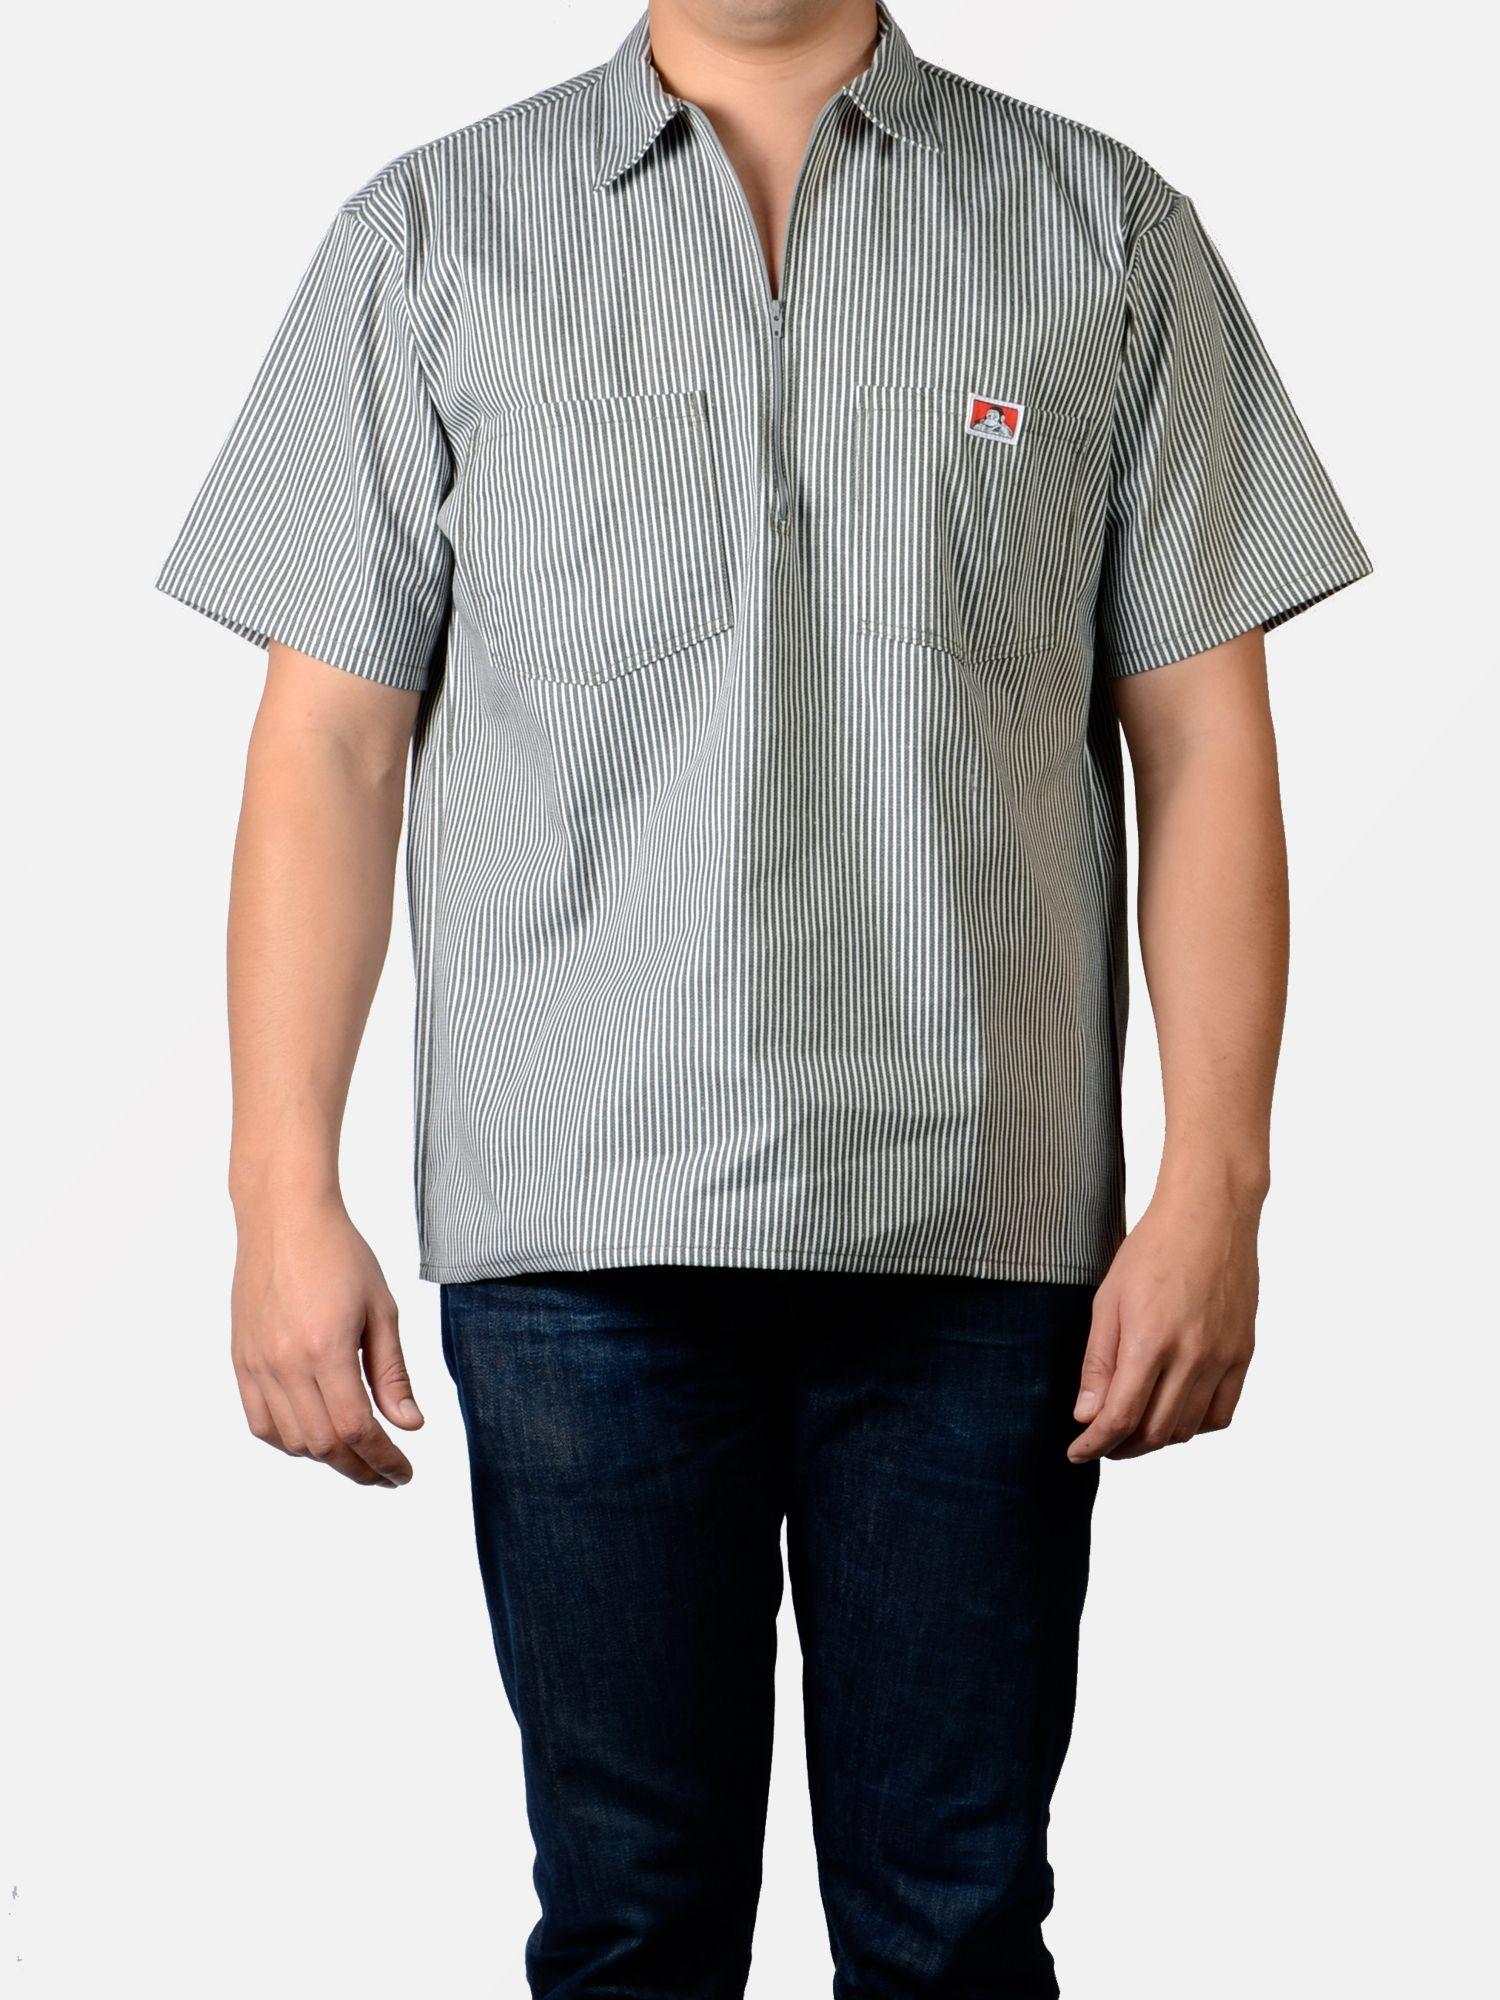 69efa9c85b45d Short Sleeve Stripe